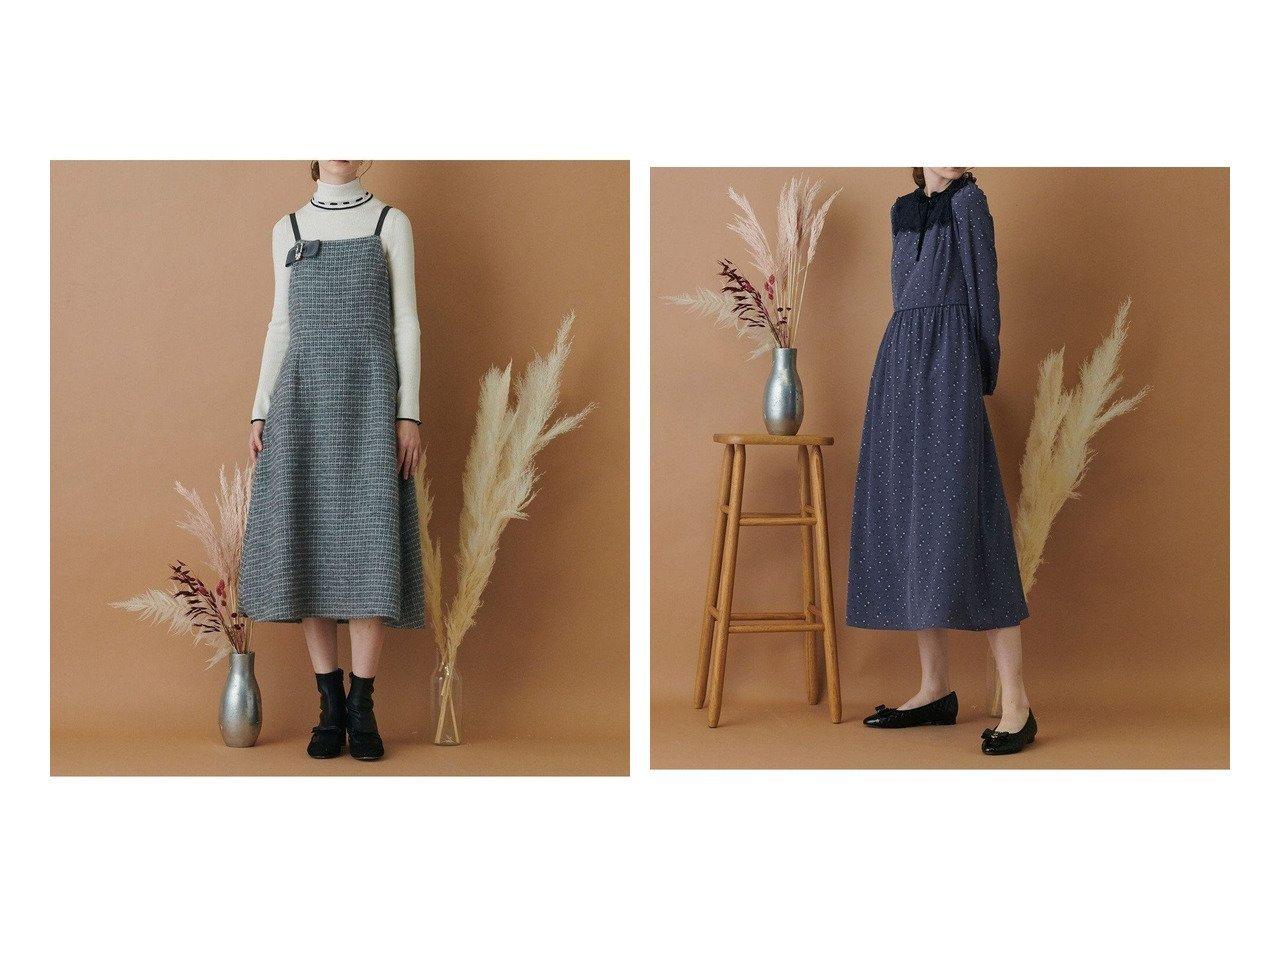 【TOCCA/トッカ】の【TOCCA LAVENDER】Candy Eco Tweed Jumper Dress ドレス&【TOCCA LAVENDER】Little Rose Classic Long Dress ロングドレス 【ワンピース・ドレス】おすすめ!人気、トレンド・レディースファッションの通販 おすすめで人気の流行・トレンド、ファッションの通販商品 インテリア・家具・メンズファッション・キッズファッション・レディースファッション・服の通販 founy(ファニー) https://founy.com/ ファッション Fashion レディースファッション WOMEN ワンピース Dress ドレス Party Dresses 送料無料 Free Shipping ドレス ロング イタリア シンプル ツイード バランス ファブリック フレア  ID:crp329100000072643